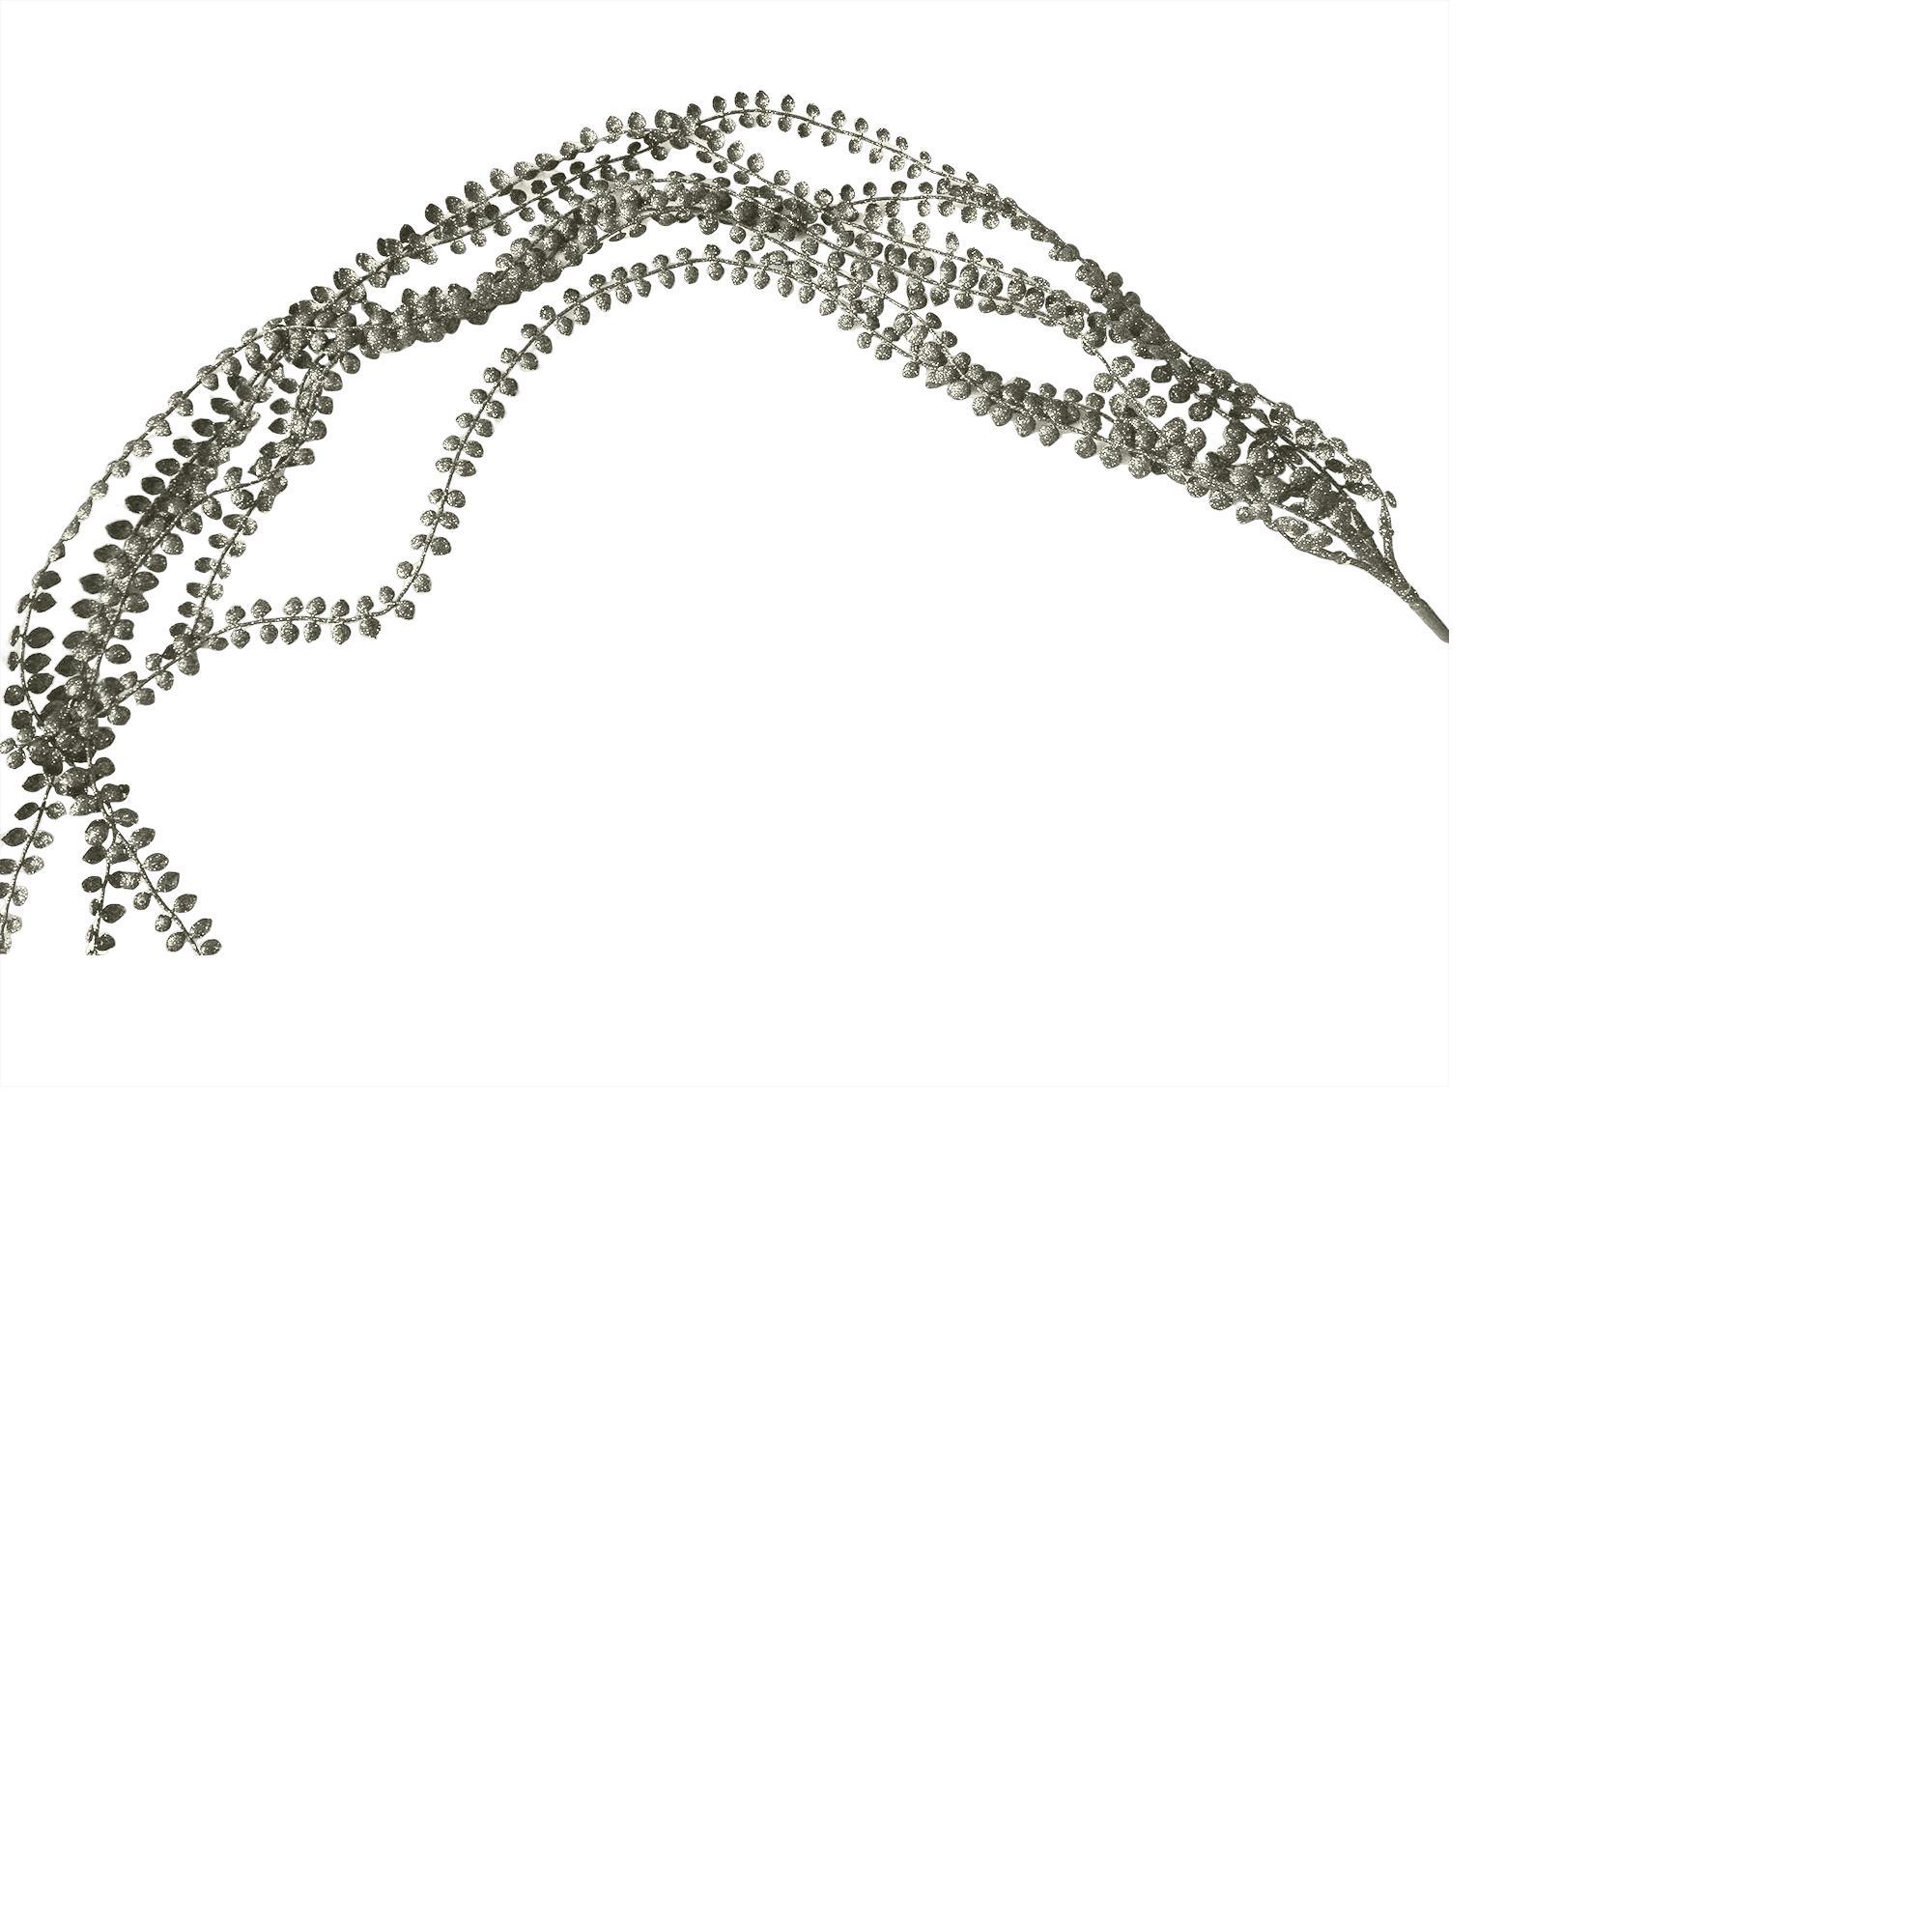 GARLAND 92.5cm - 140-5700680